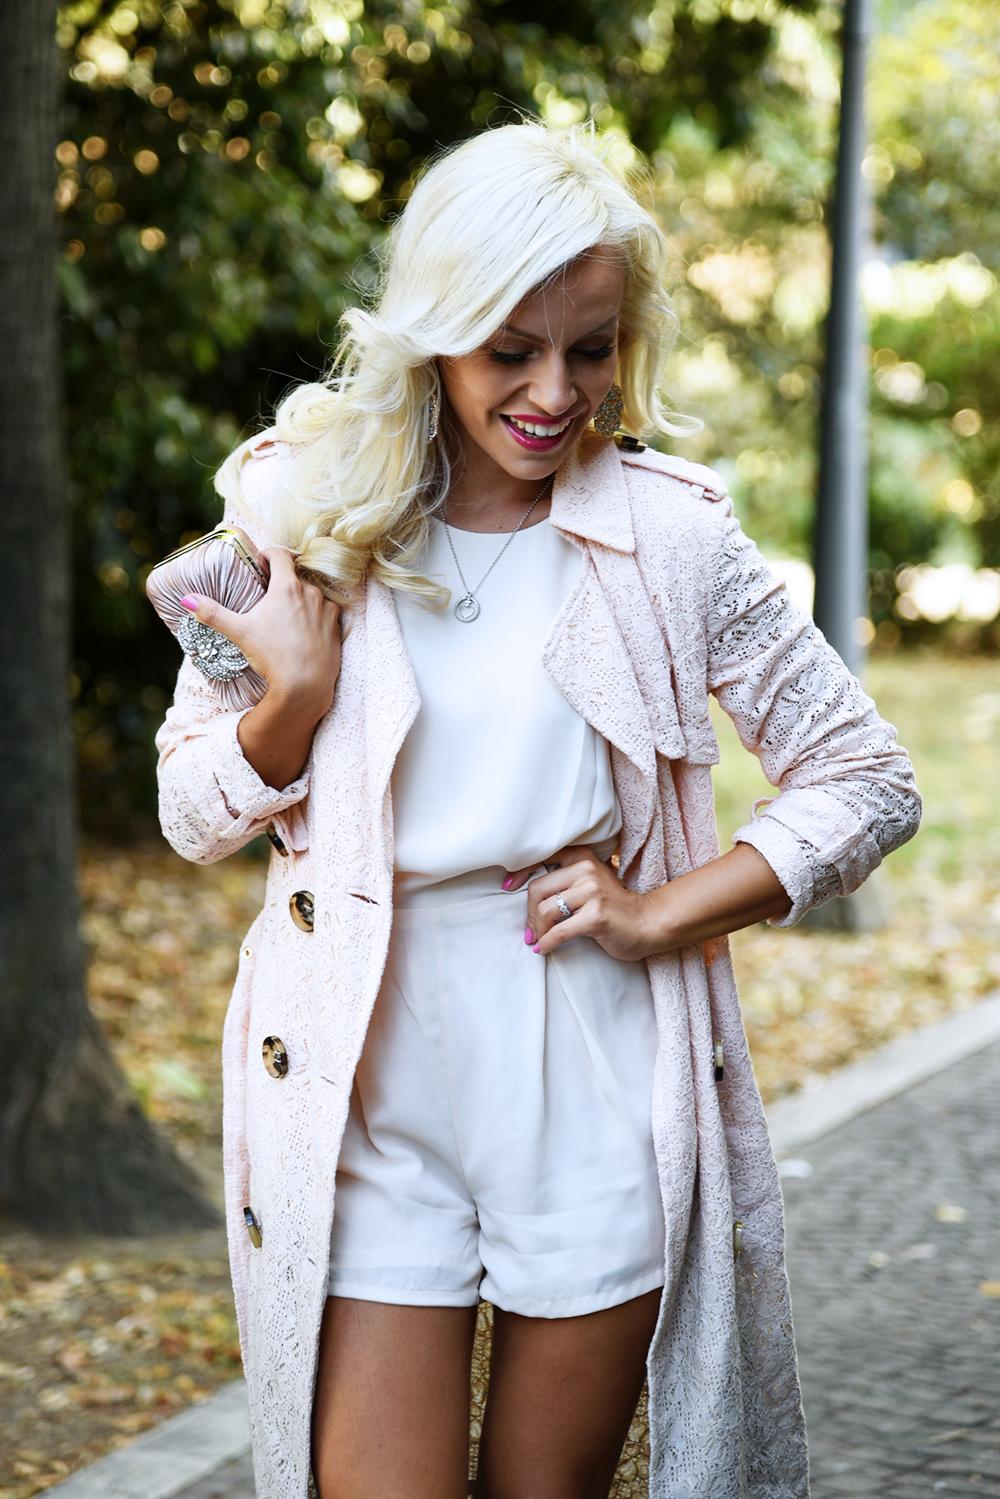 Mariella Rosati trench, outfit femminili autunno, TUUM gioielli, TUUM collezione collane, look settembre 2015 - fashion blogger It-Girl by Eleonora Petrella